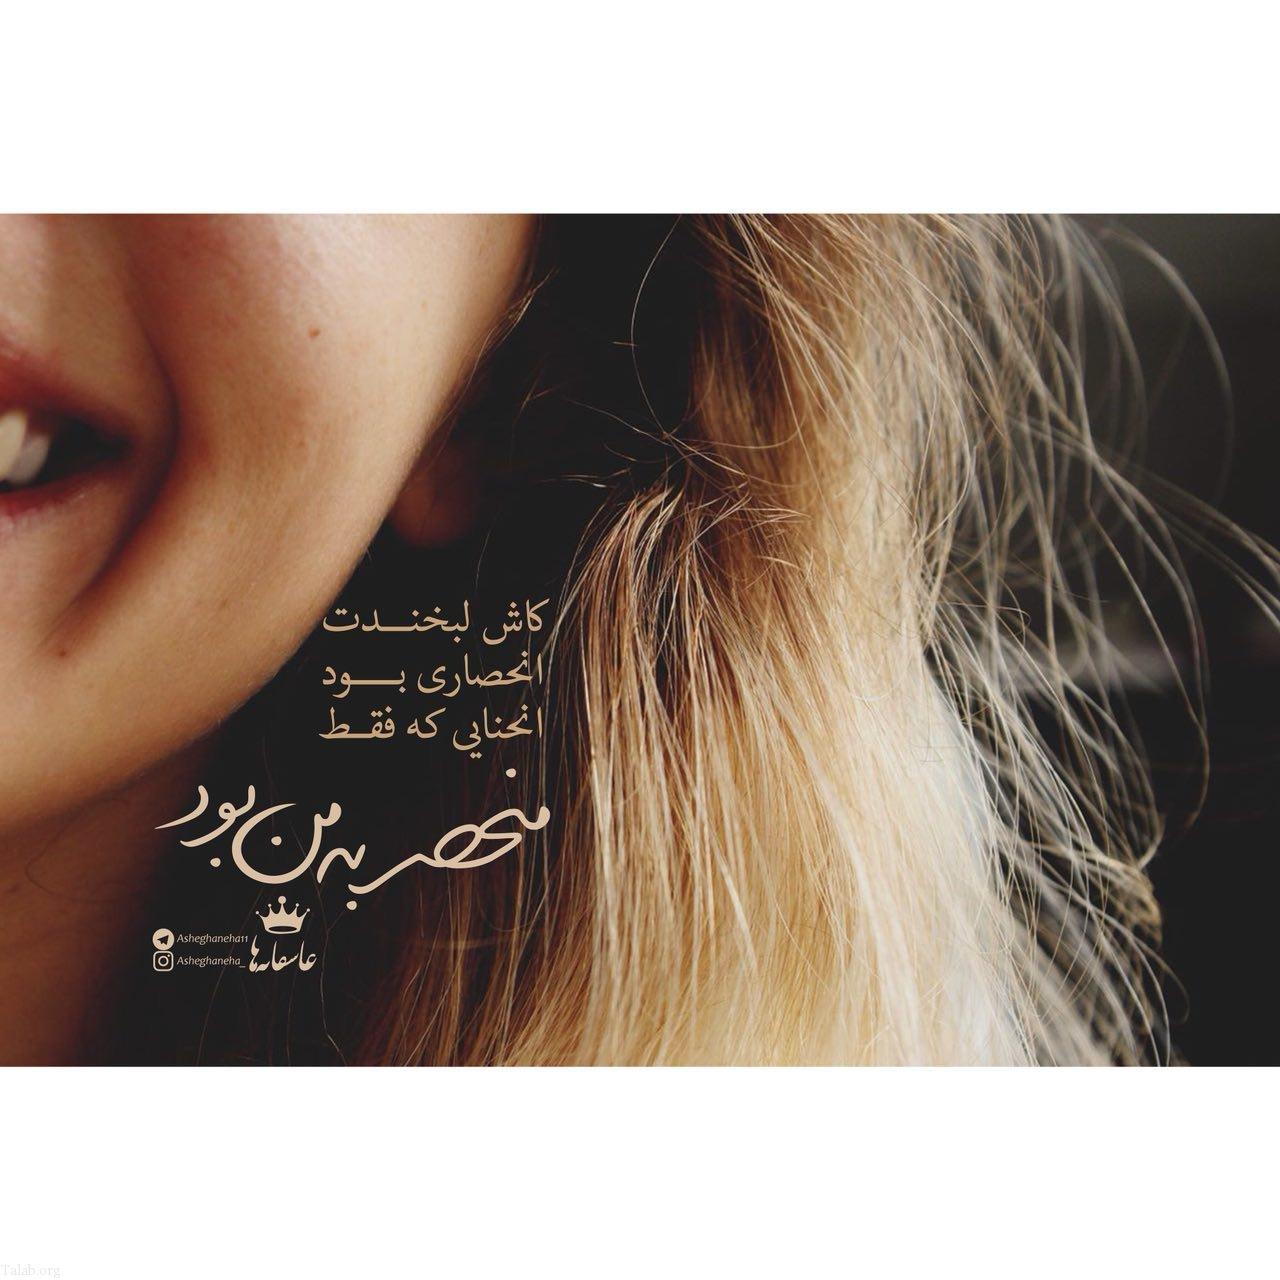 عکس پروفایل دخترونه   متن و عکس پروفایل خاص دخترونه زیبا (98)